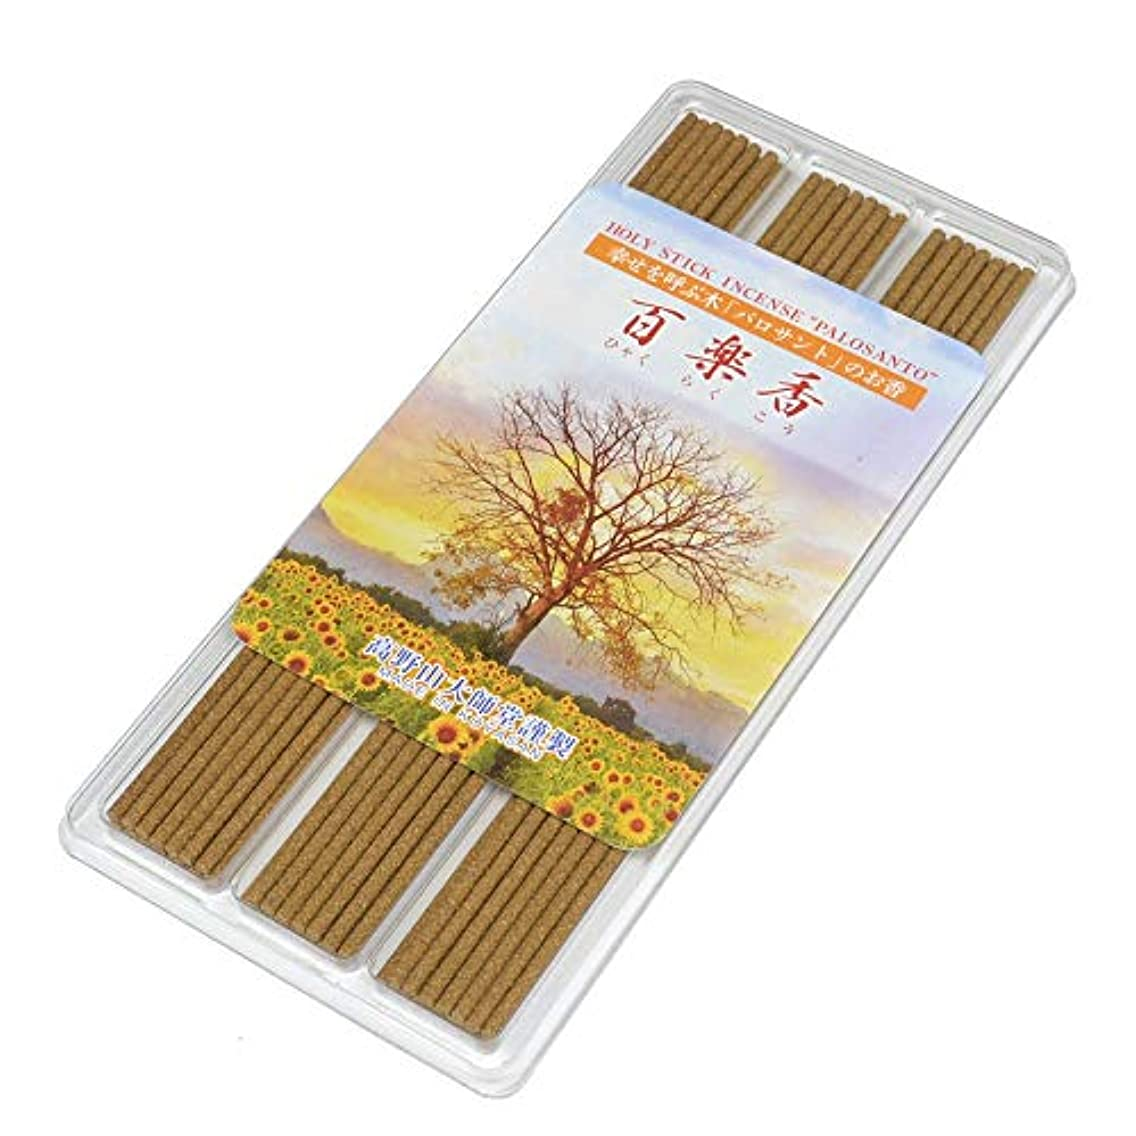 仲人良心的インデックス幸運の木「パロサント」のお香【徳用】Palo Santo Incense